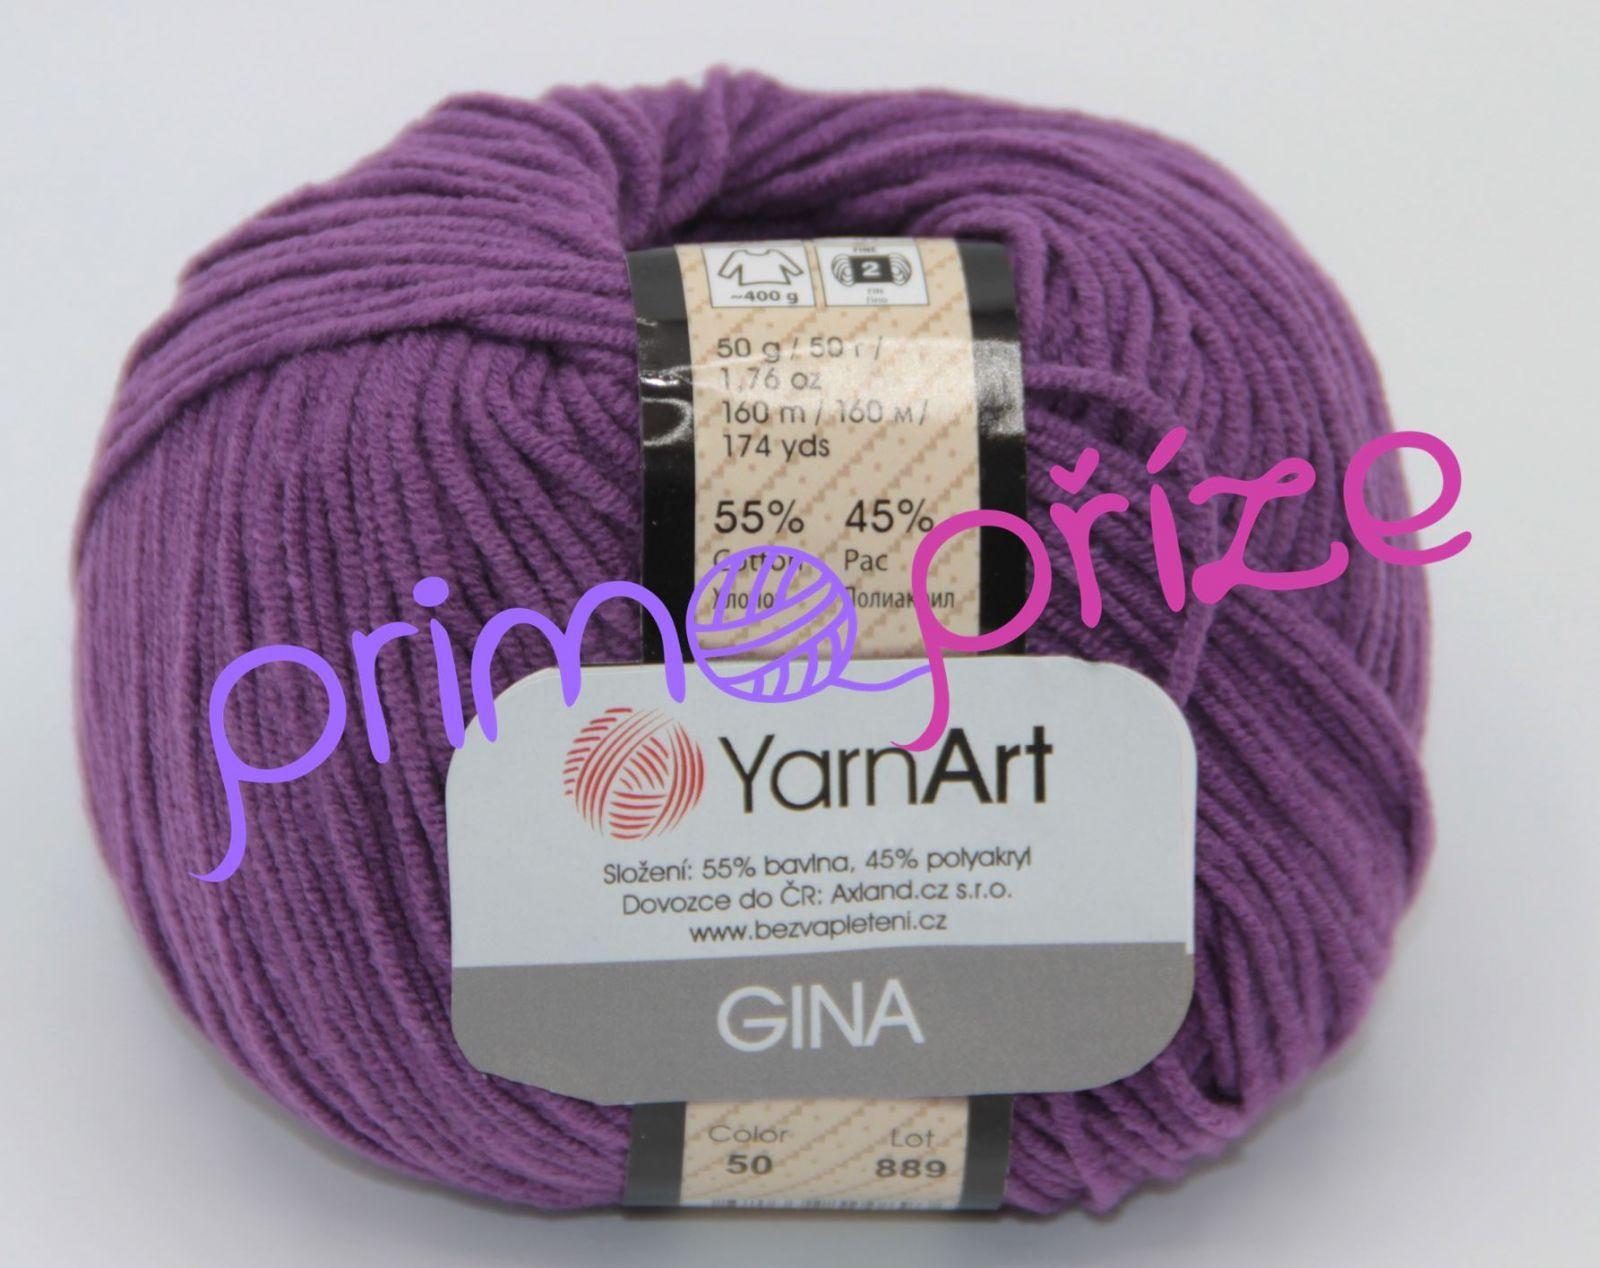 YarnArt Jeans/Gina 50 tmavě fialová